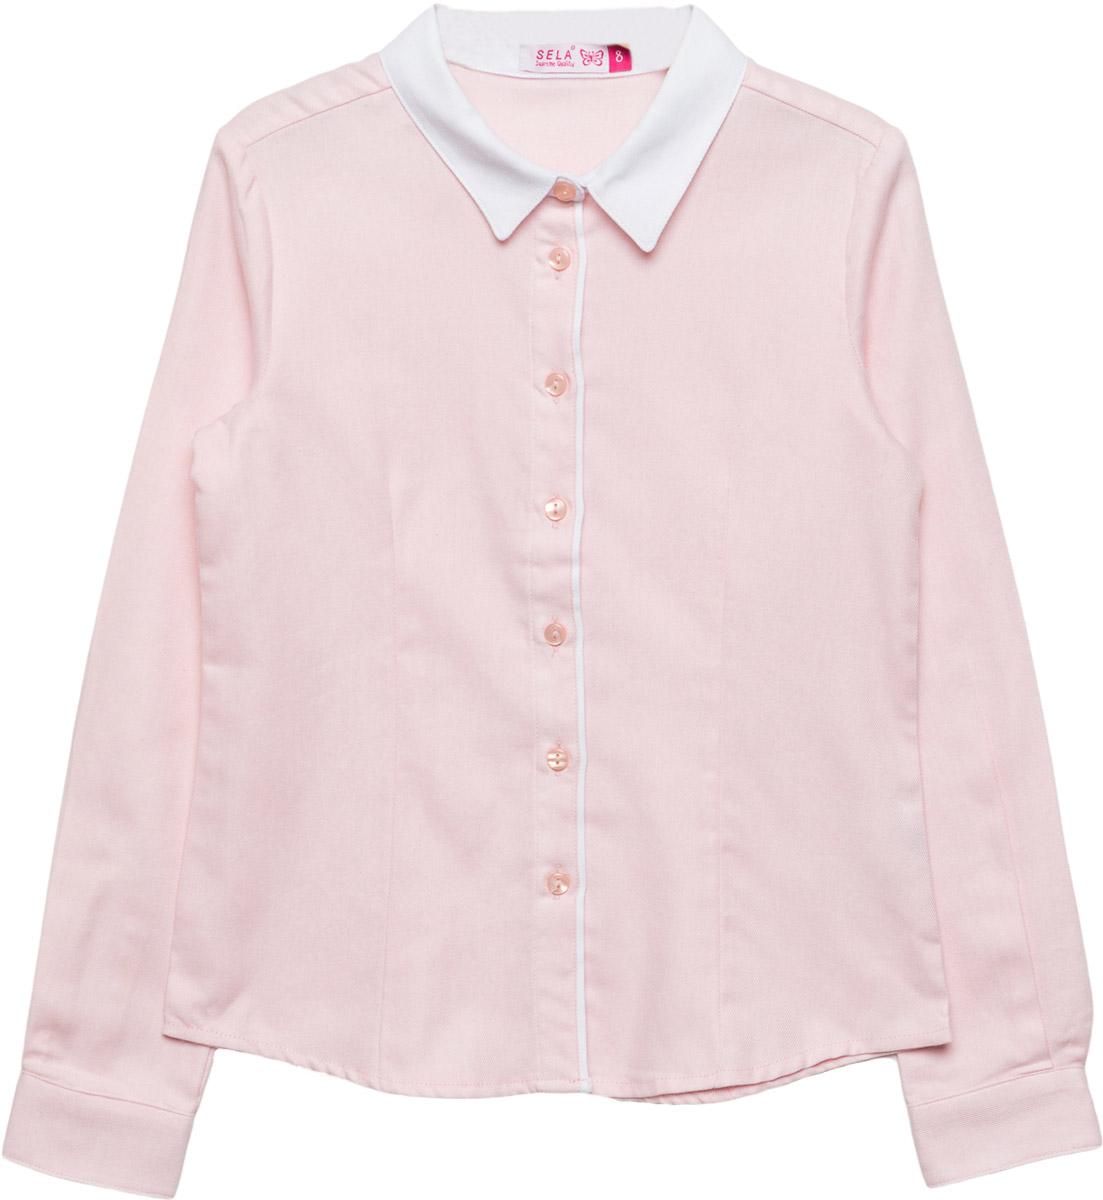 Блузка для девочки Sela, цвет: розовый. B-612/860-7320. Размер 134, 9 летB-612/860-7320Классическая блузка Sela для девочки выполнена из высококачественного материала. Модель с отложным воротником и длинными рукавами застегивается на пуговицы.